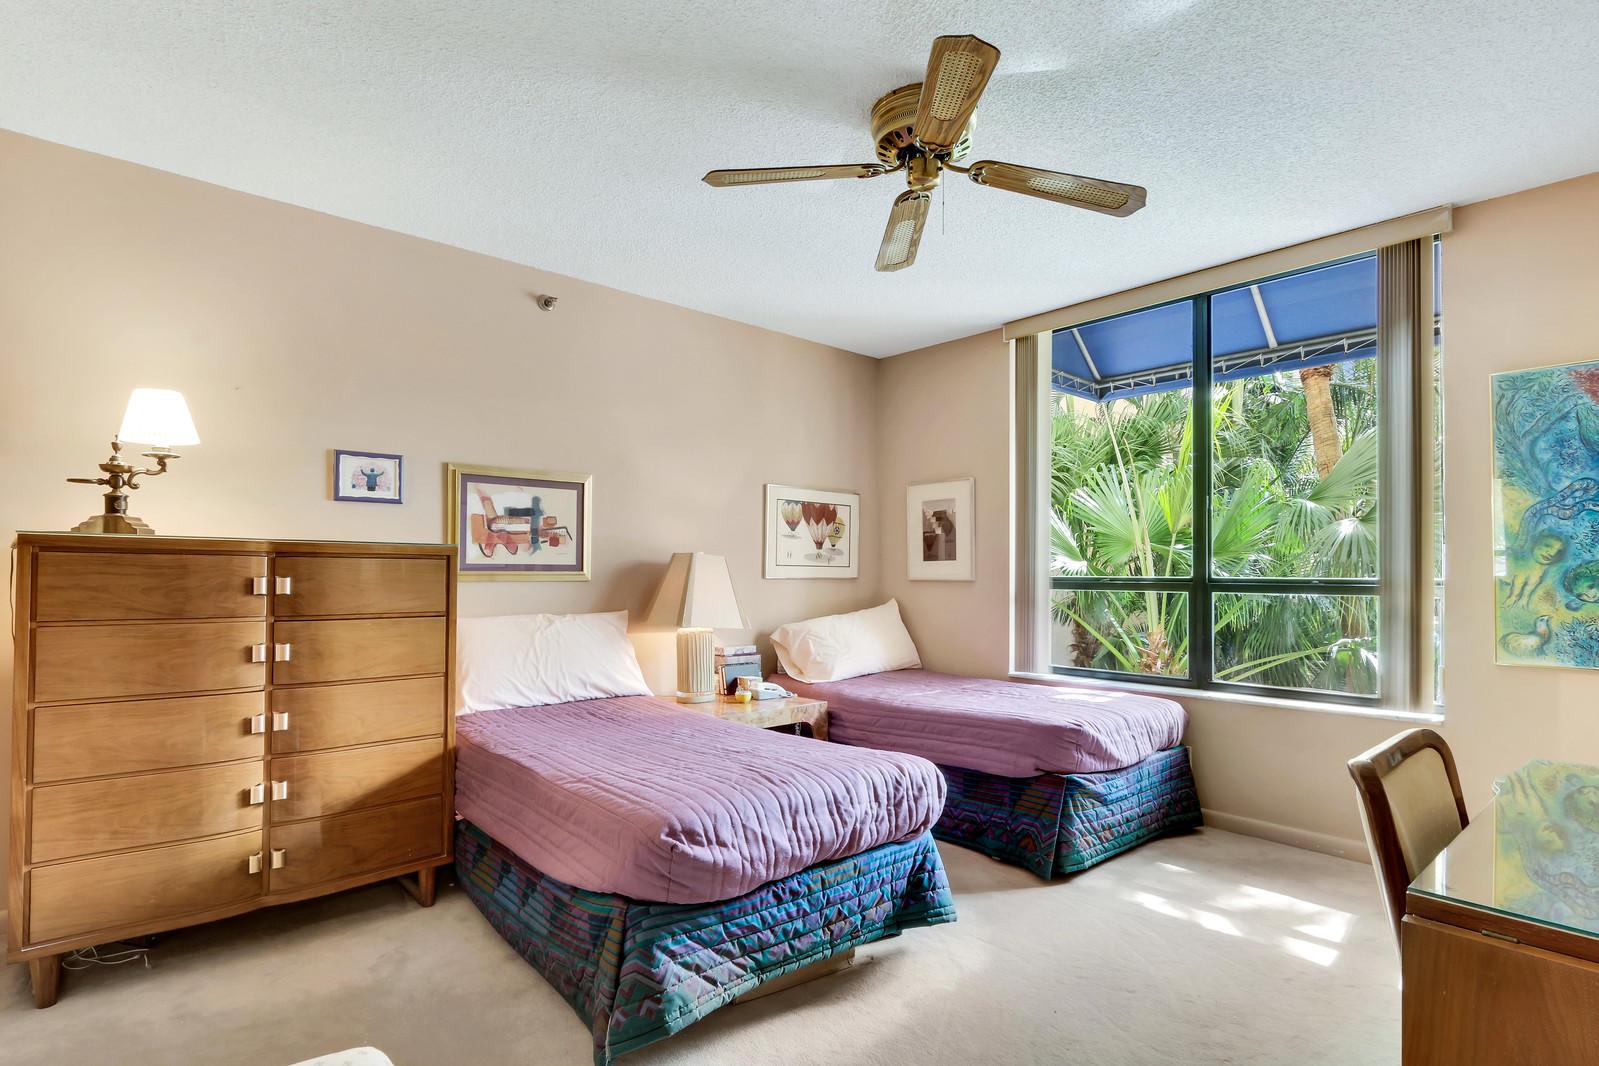 7178 Promenade Drive #202 Boca Raton, FL 33433